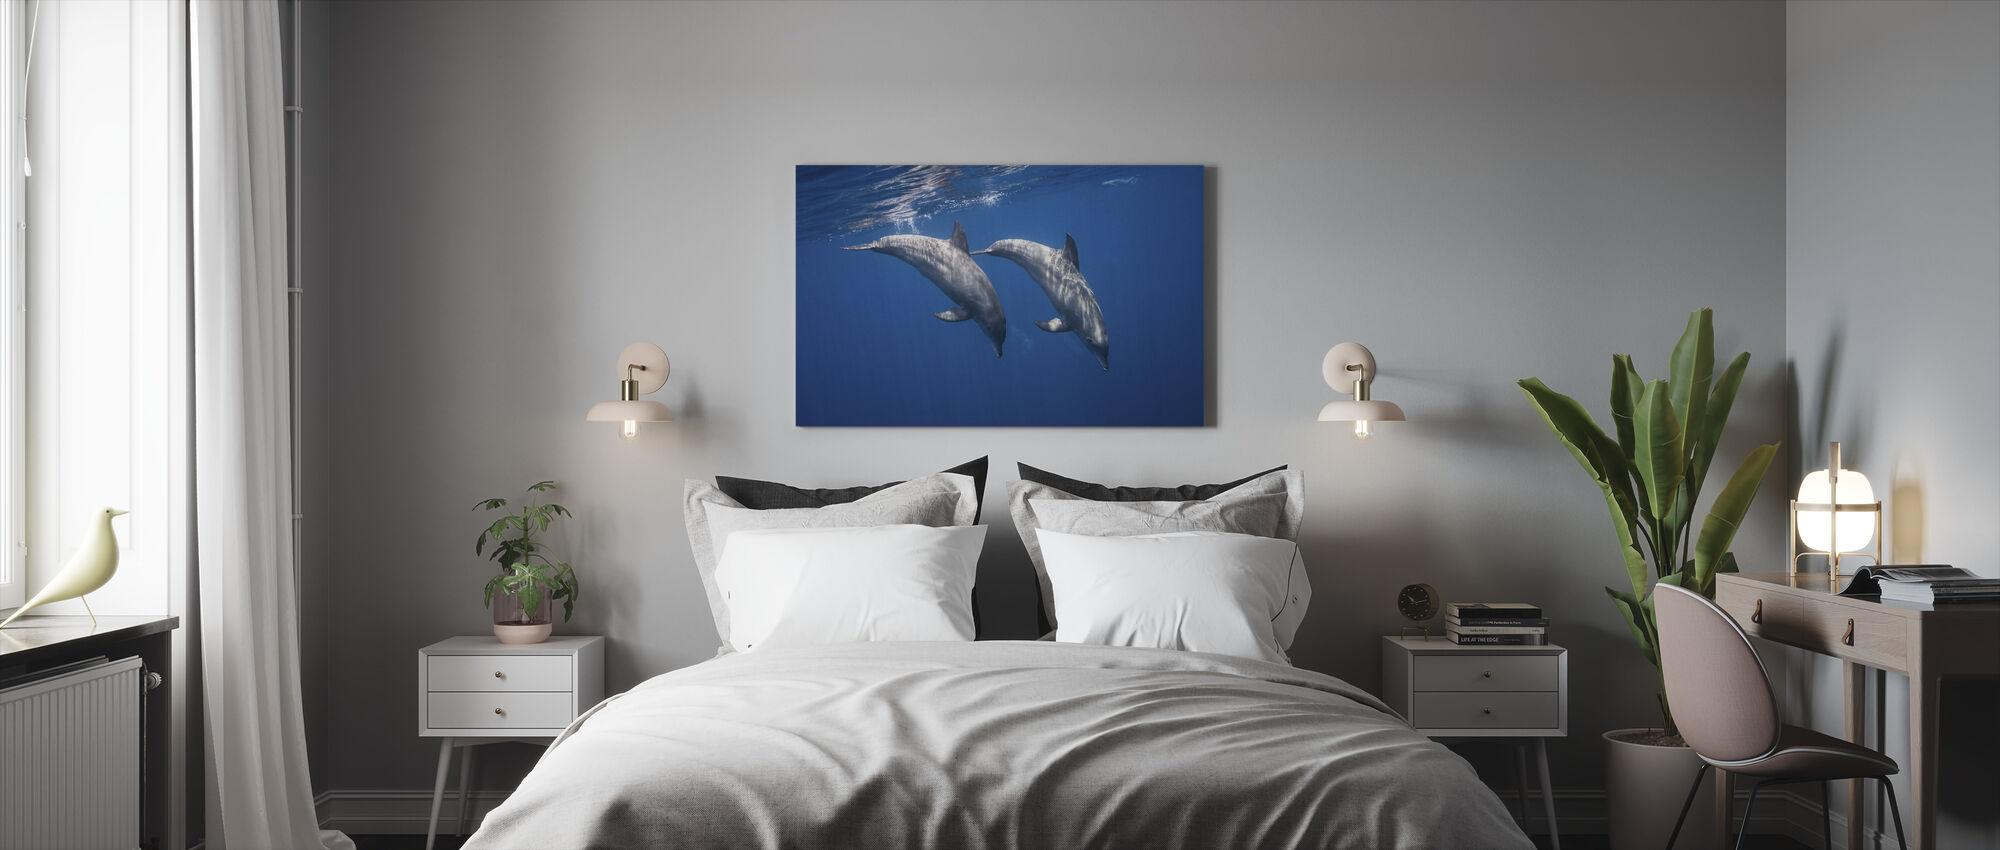 Twee tuimelaars dolfijnen - Canvas print - Slaapkamer